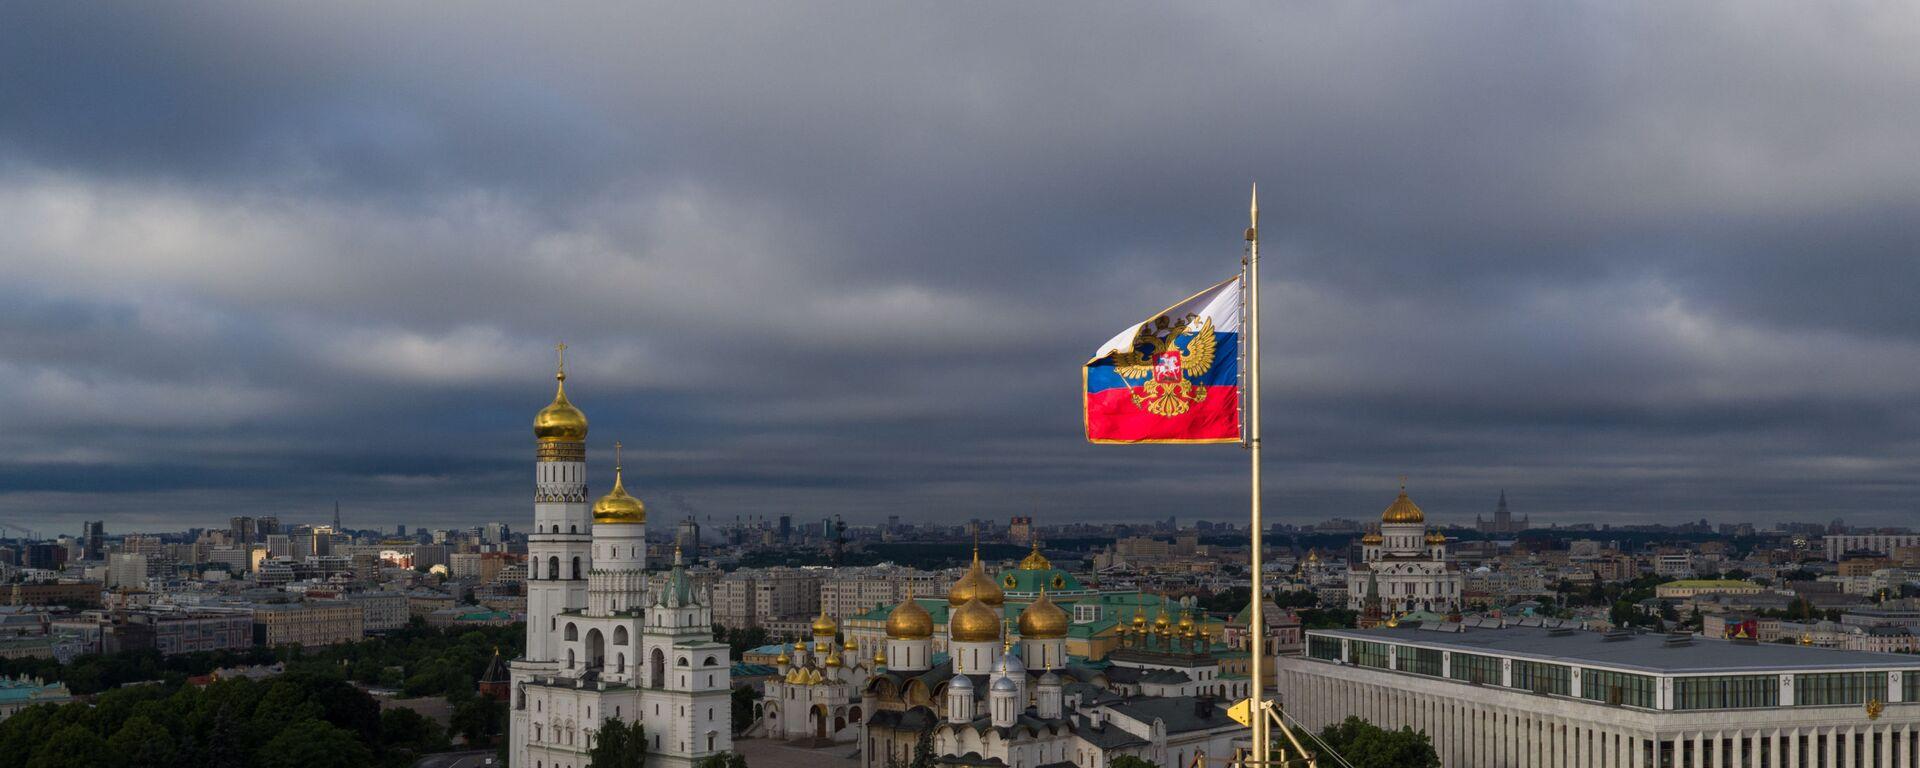 Výhled na Moskevský Kreml - Sputnik Česká republika, 1920, 21.06.2021